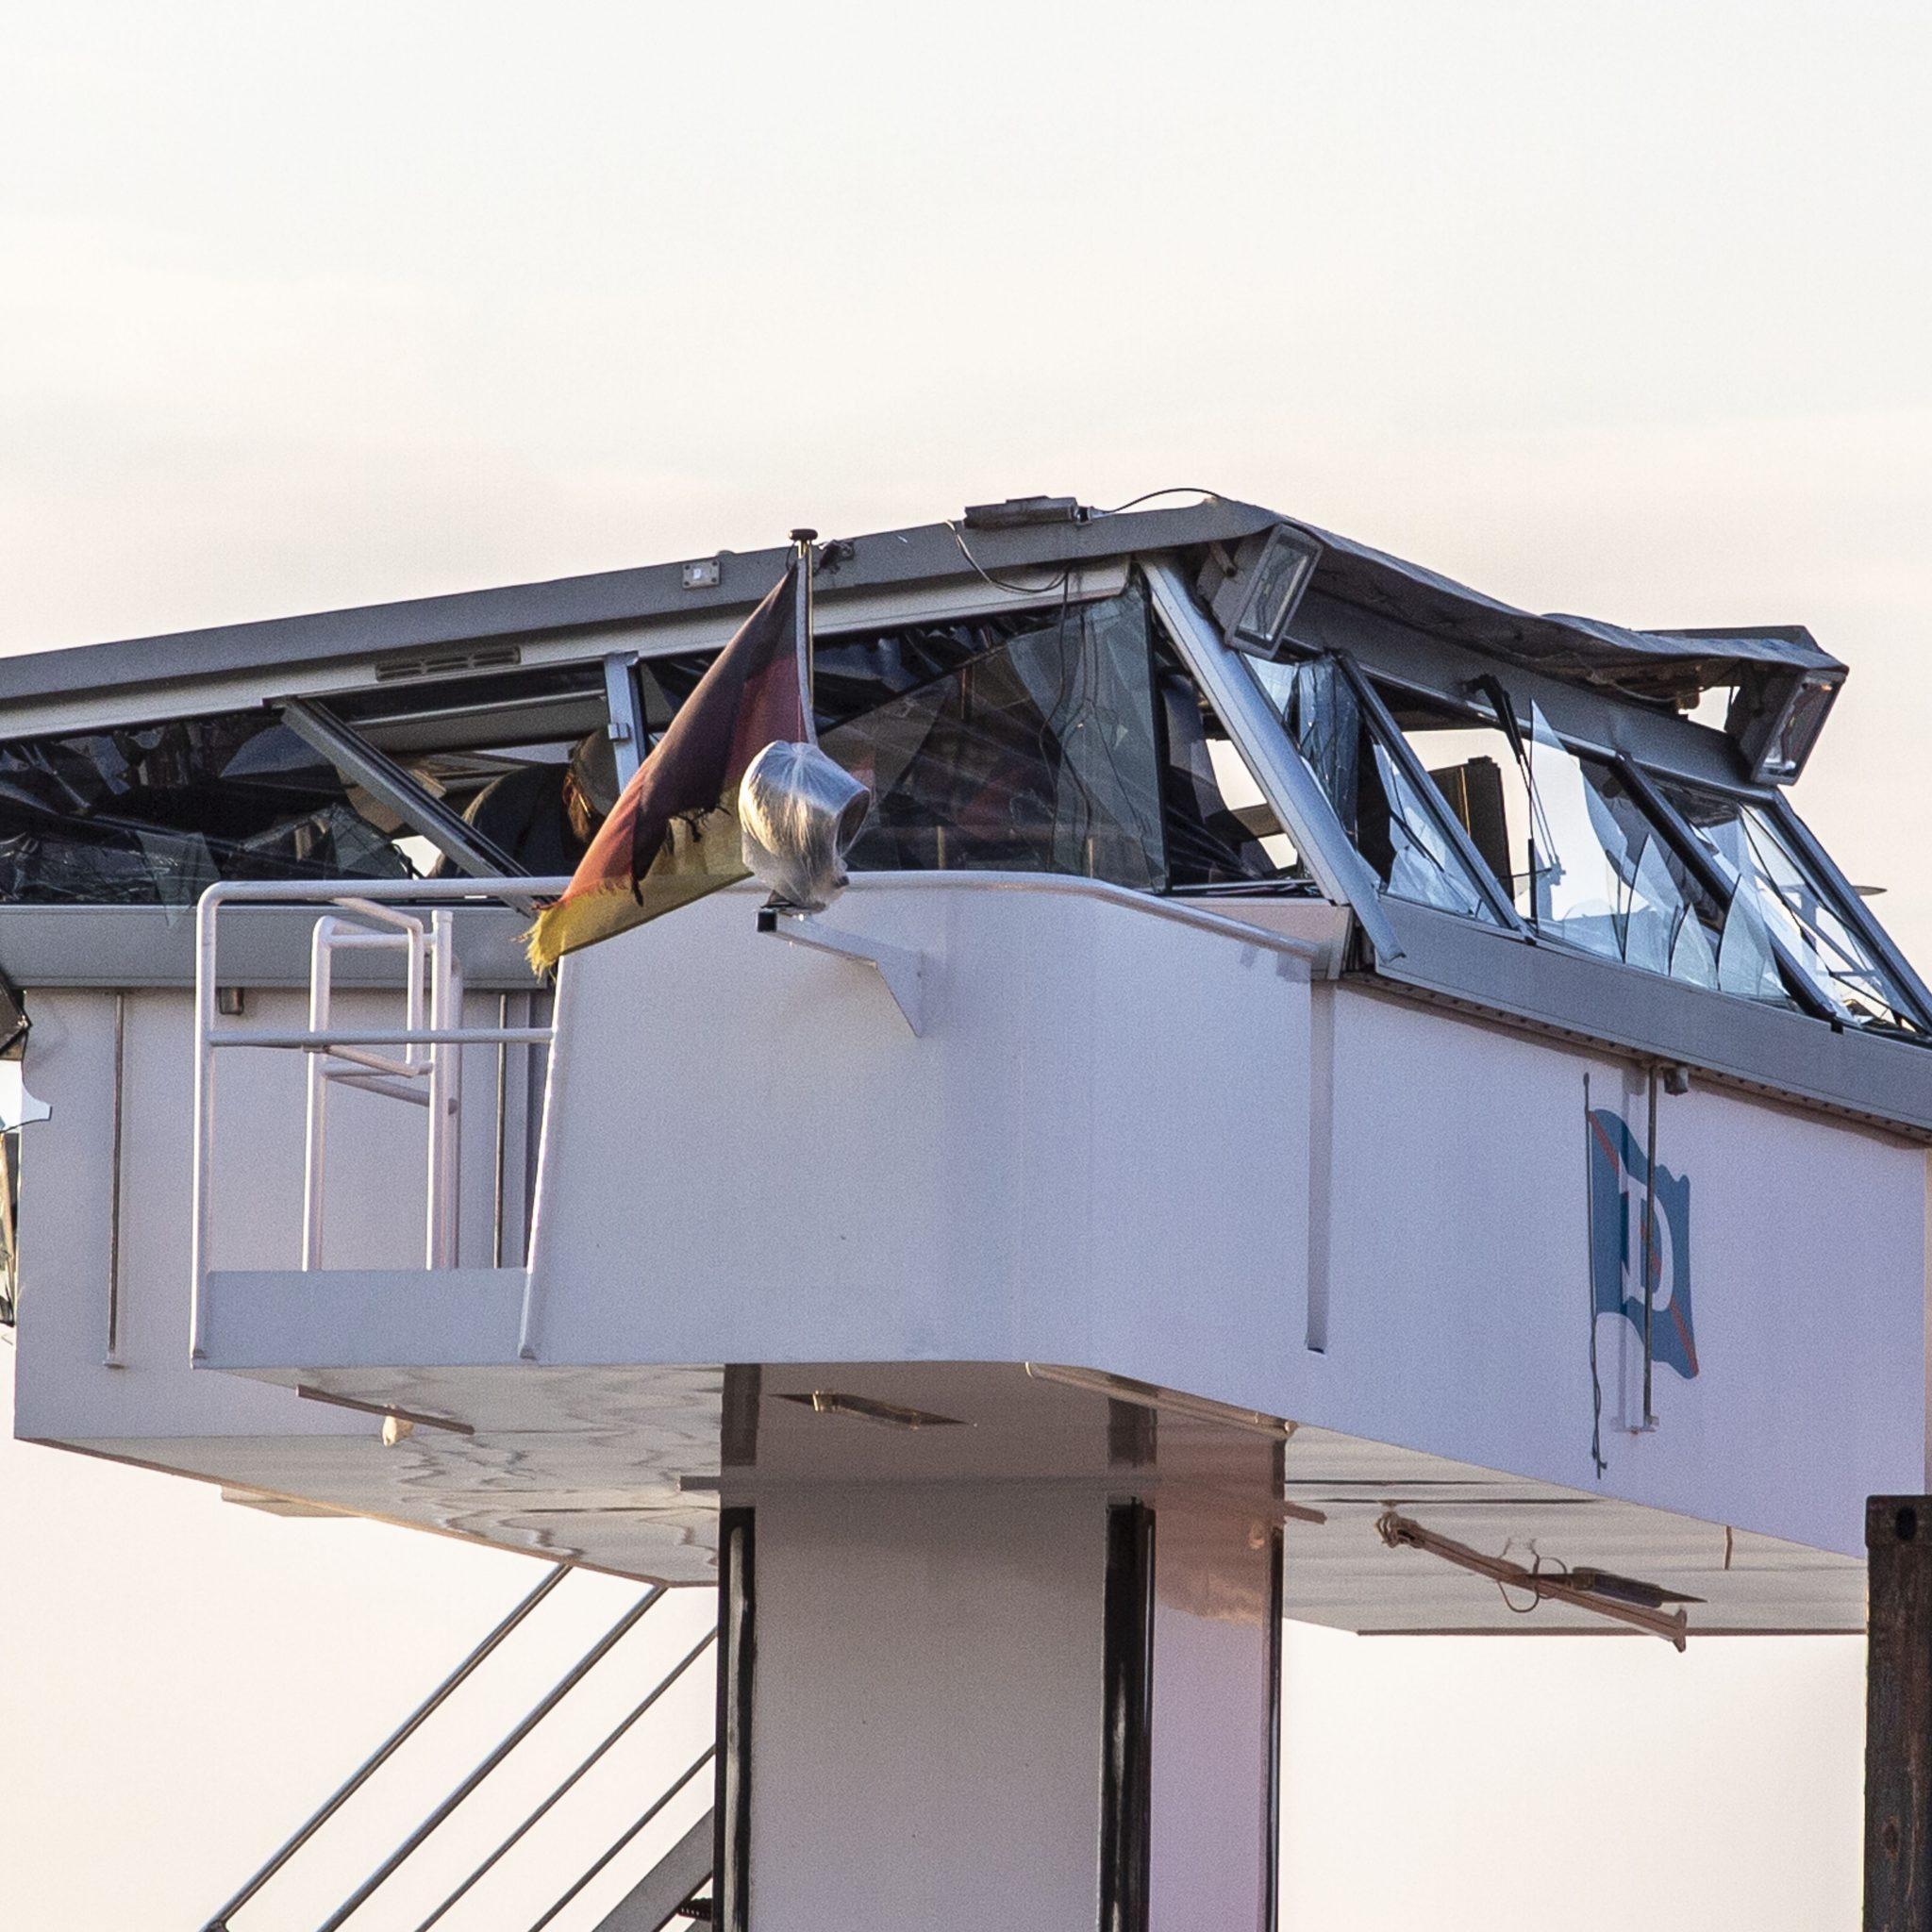 De brug was duidelijk een stuk sterker dan de stuurhut. (Foto EB/ETIENNE BUSINK)